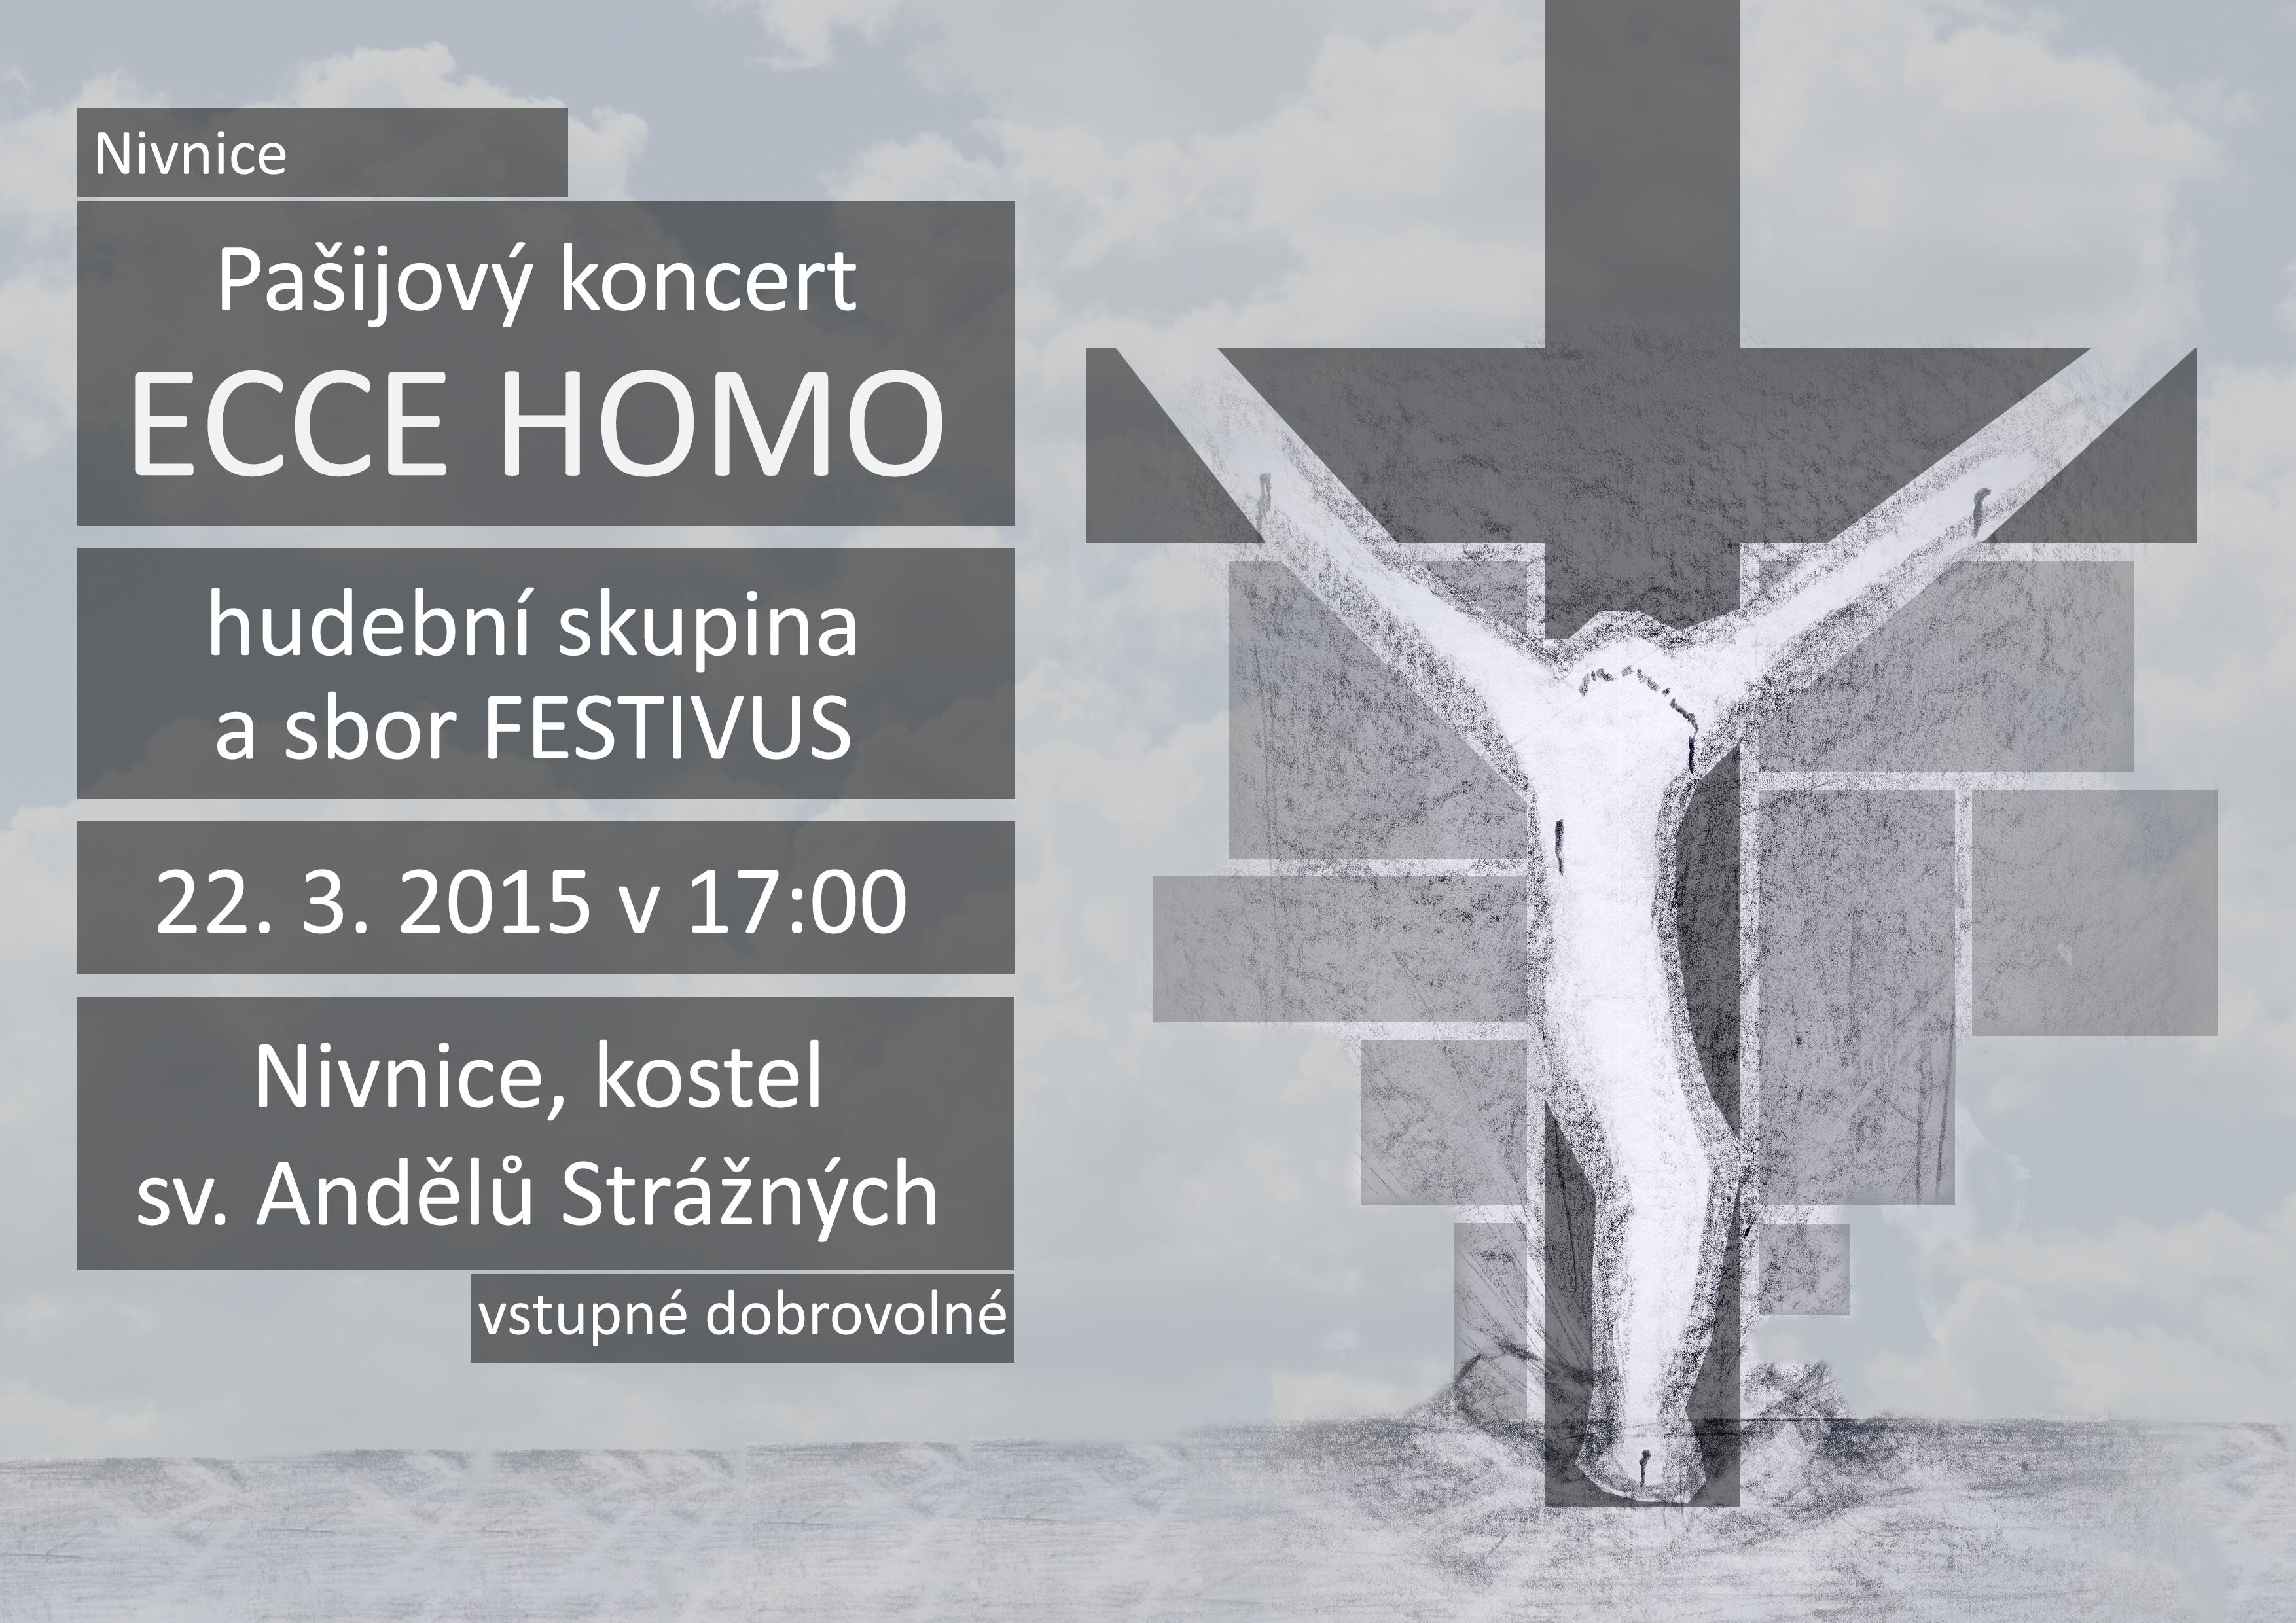 Pozvánka - Pašijová koncert Ecce Homo - Nivnice - Festivus